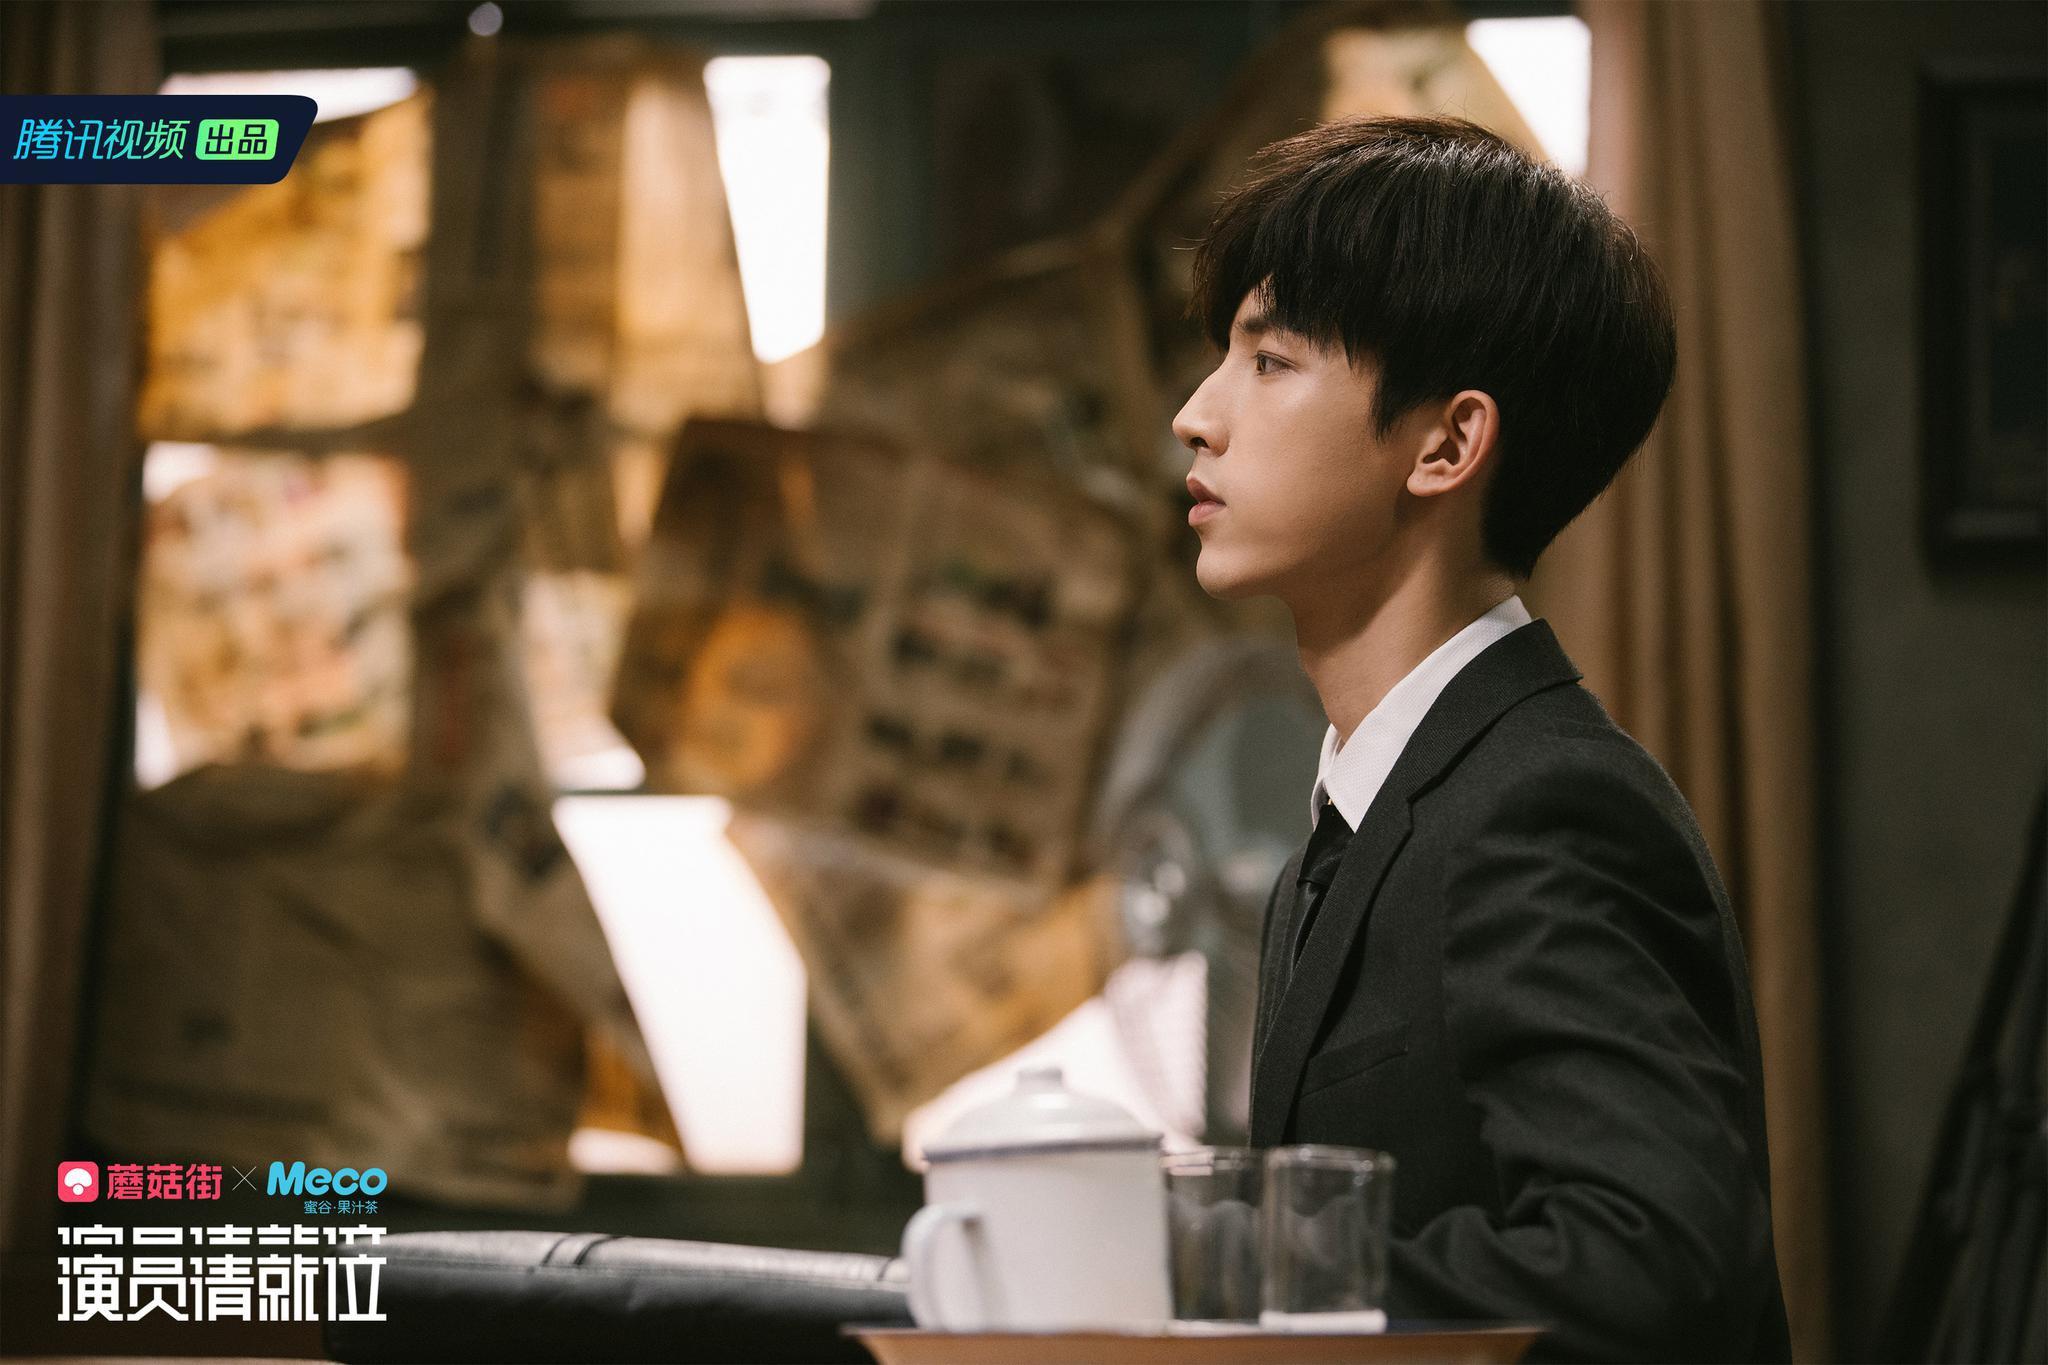 郭俊辰晋级《演员请就位》总决赛 学习态度真挚谦逊未来可期